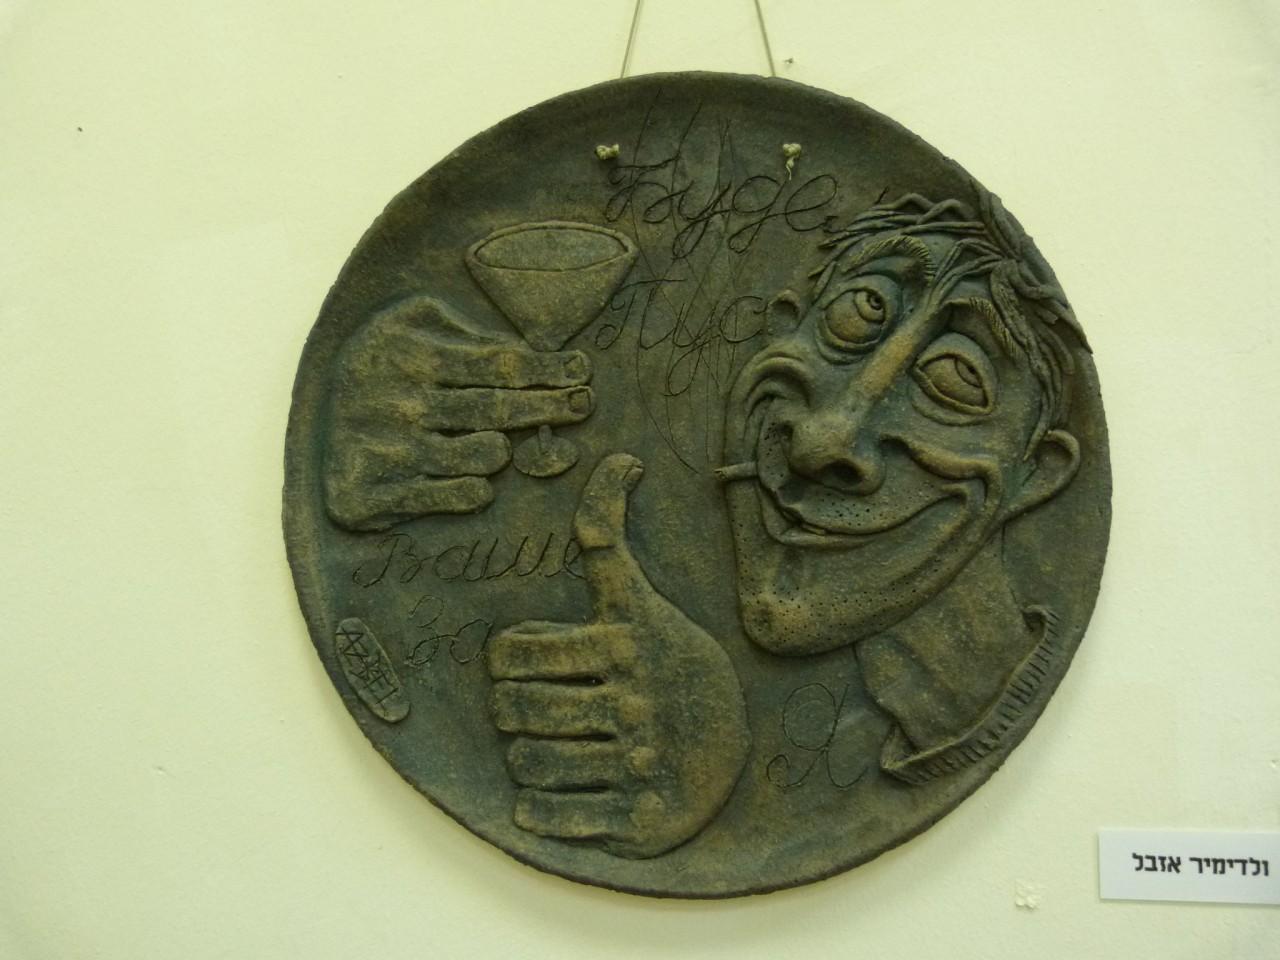 Еще немного о выставке кукол ручной работы, которая проходила в Хайфе